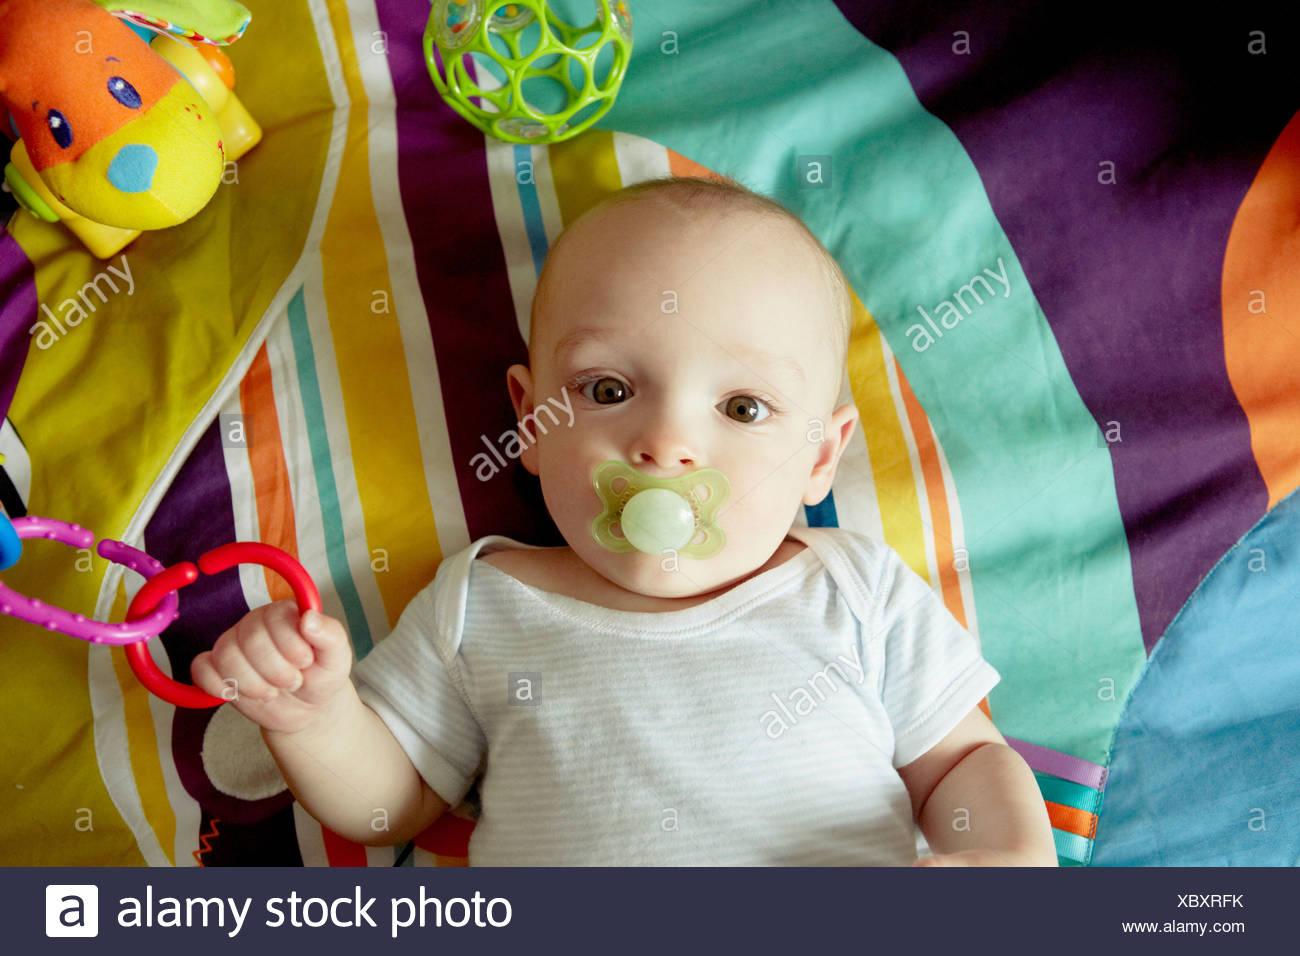 Baby Junge liegend auf Decke Schnuller saugen und spielen mit Spielzeug Stockbild